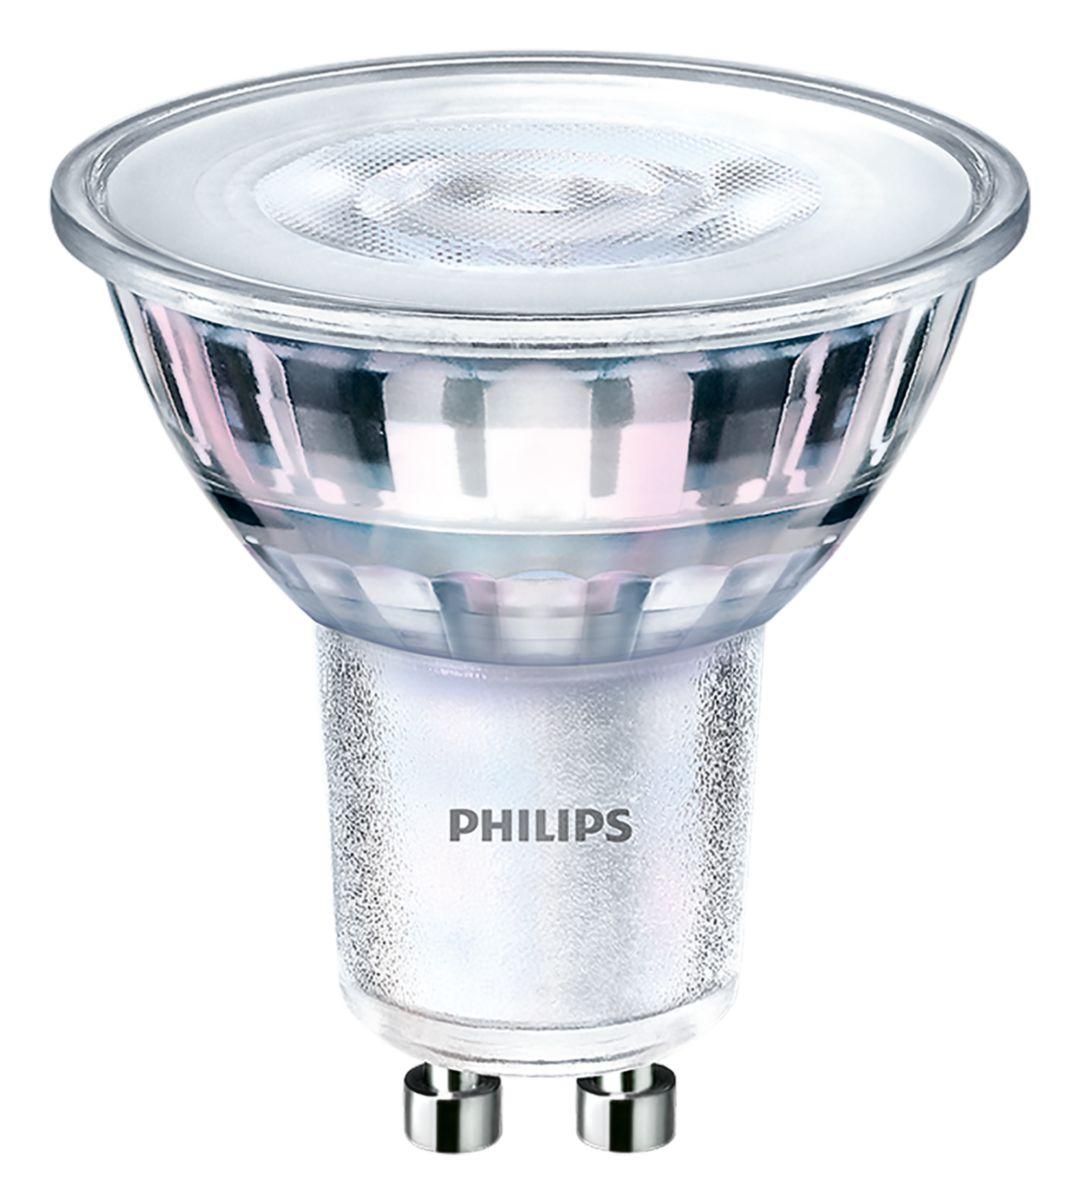 Philips468140